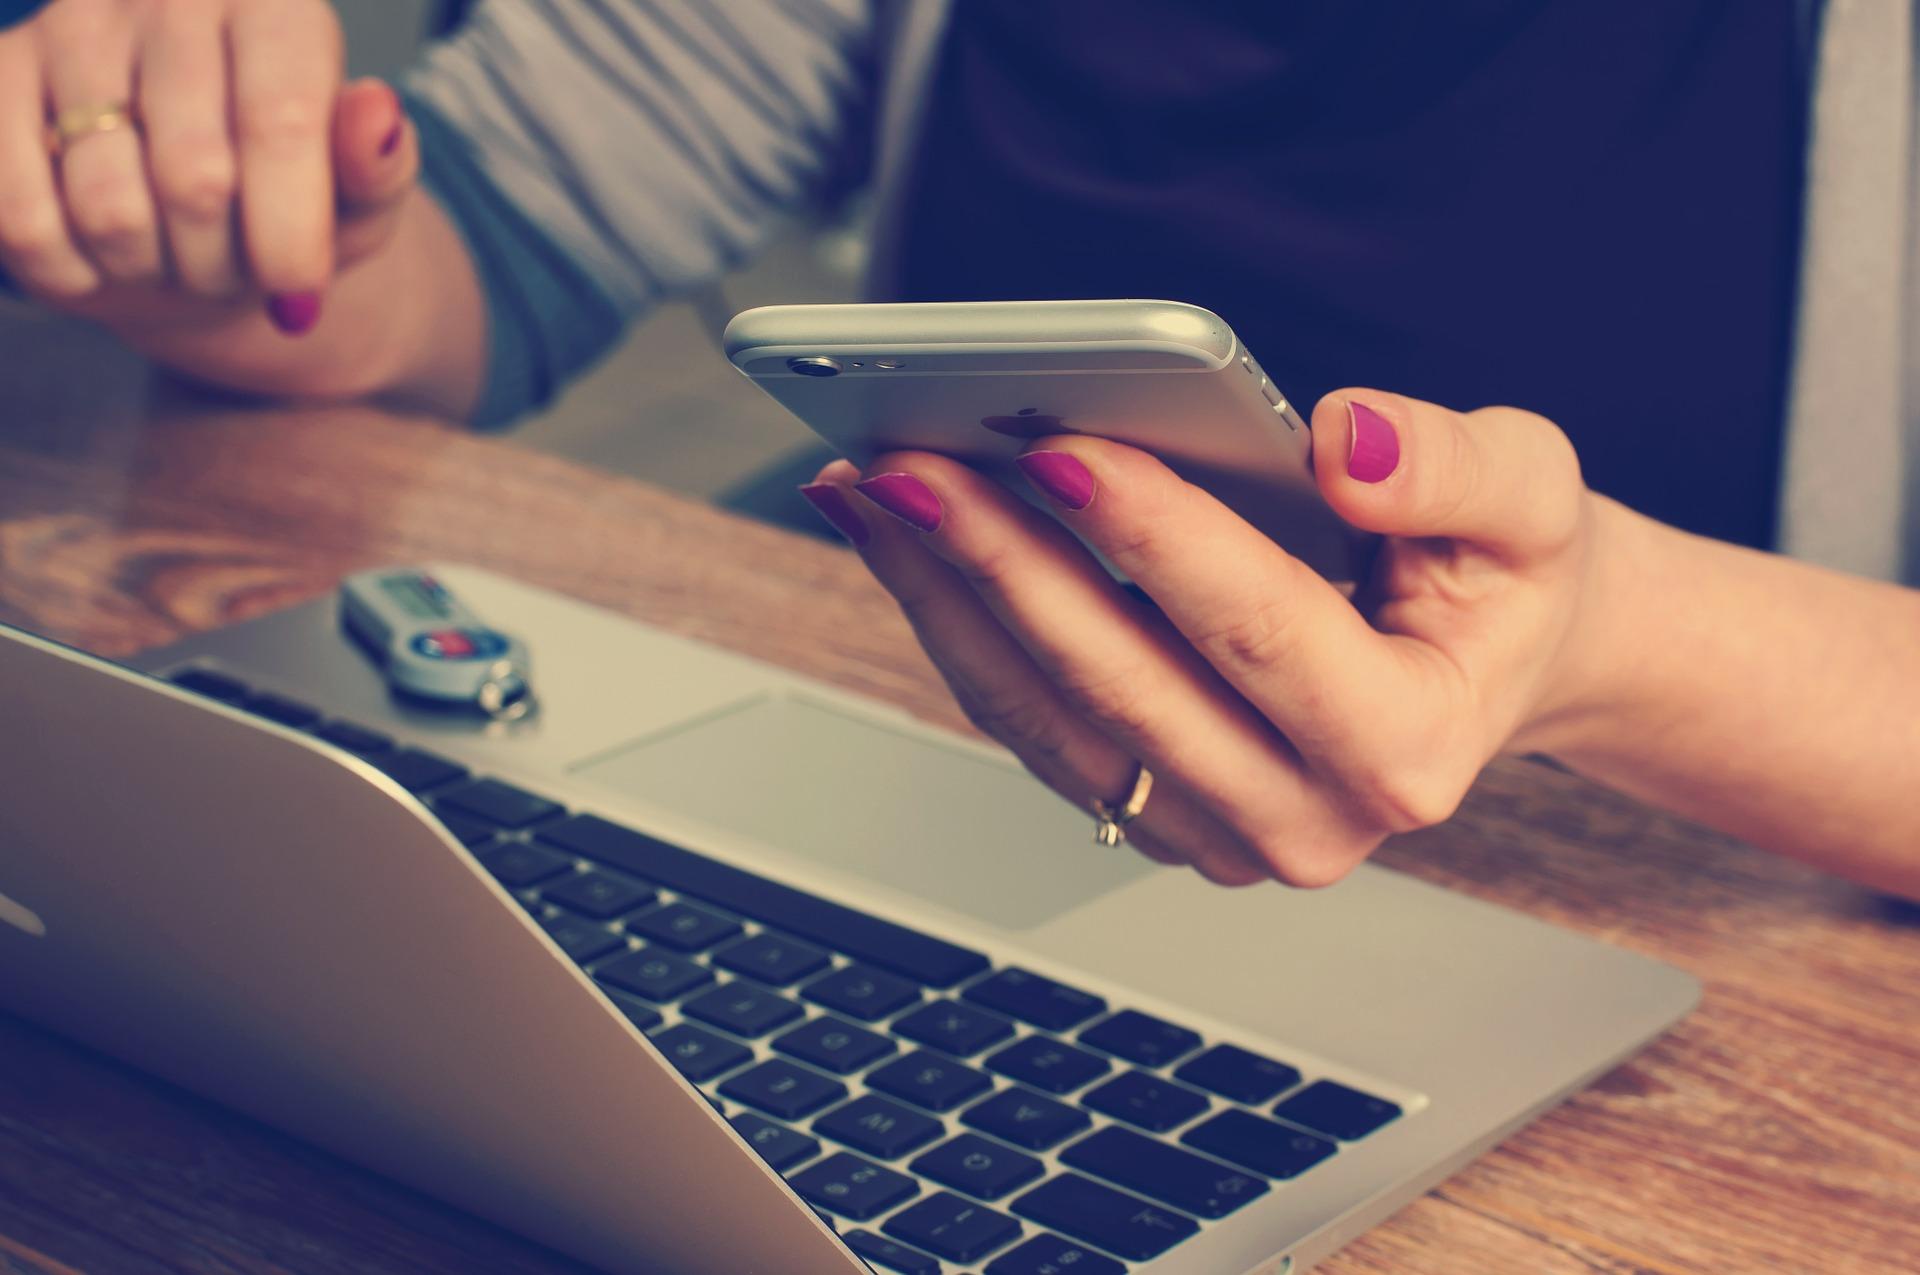 une personne faisant une formation en ligne